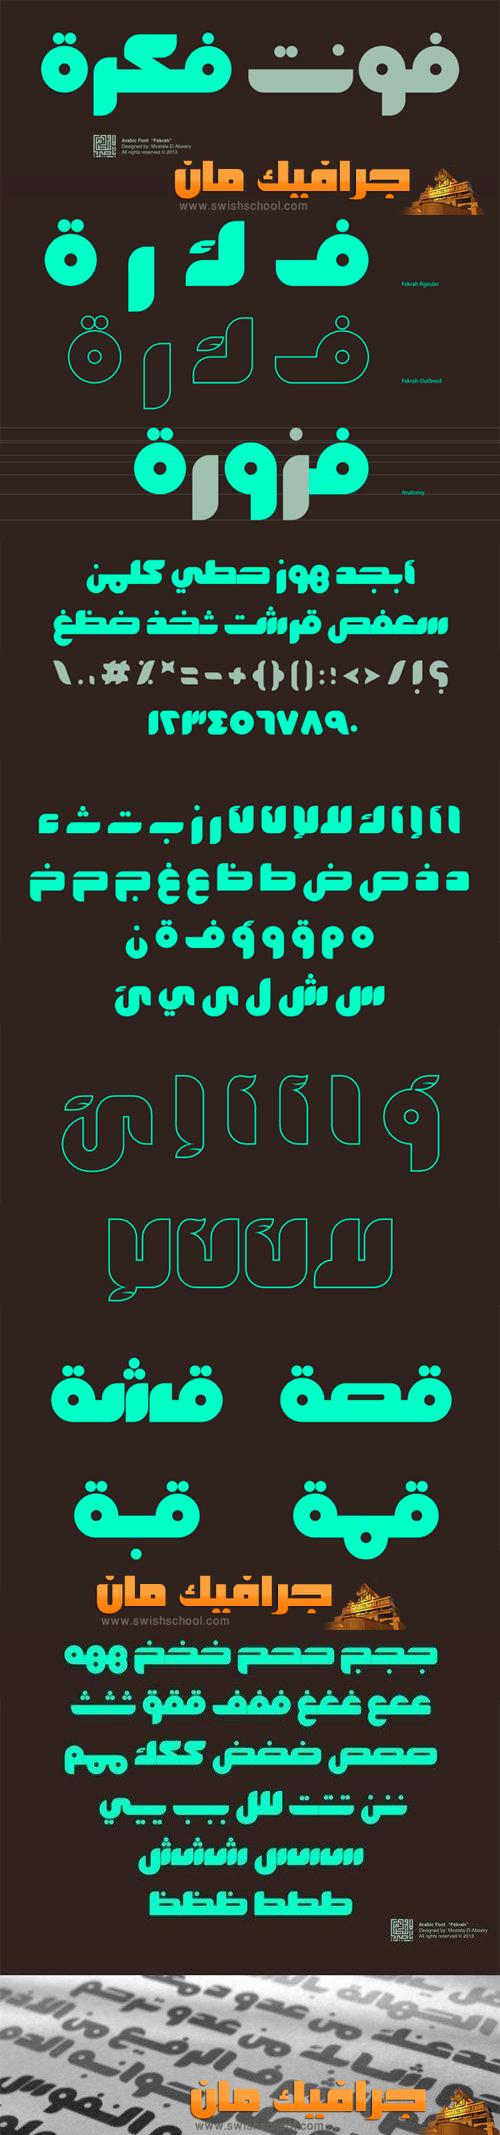 فونت - فكرة العربى -  Font Fekrah Typeface Arabic